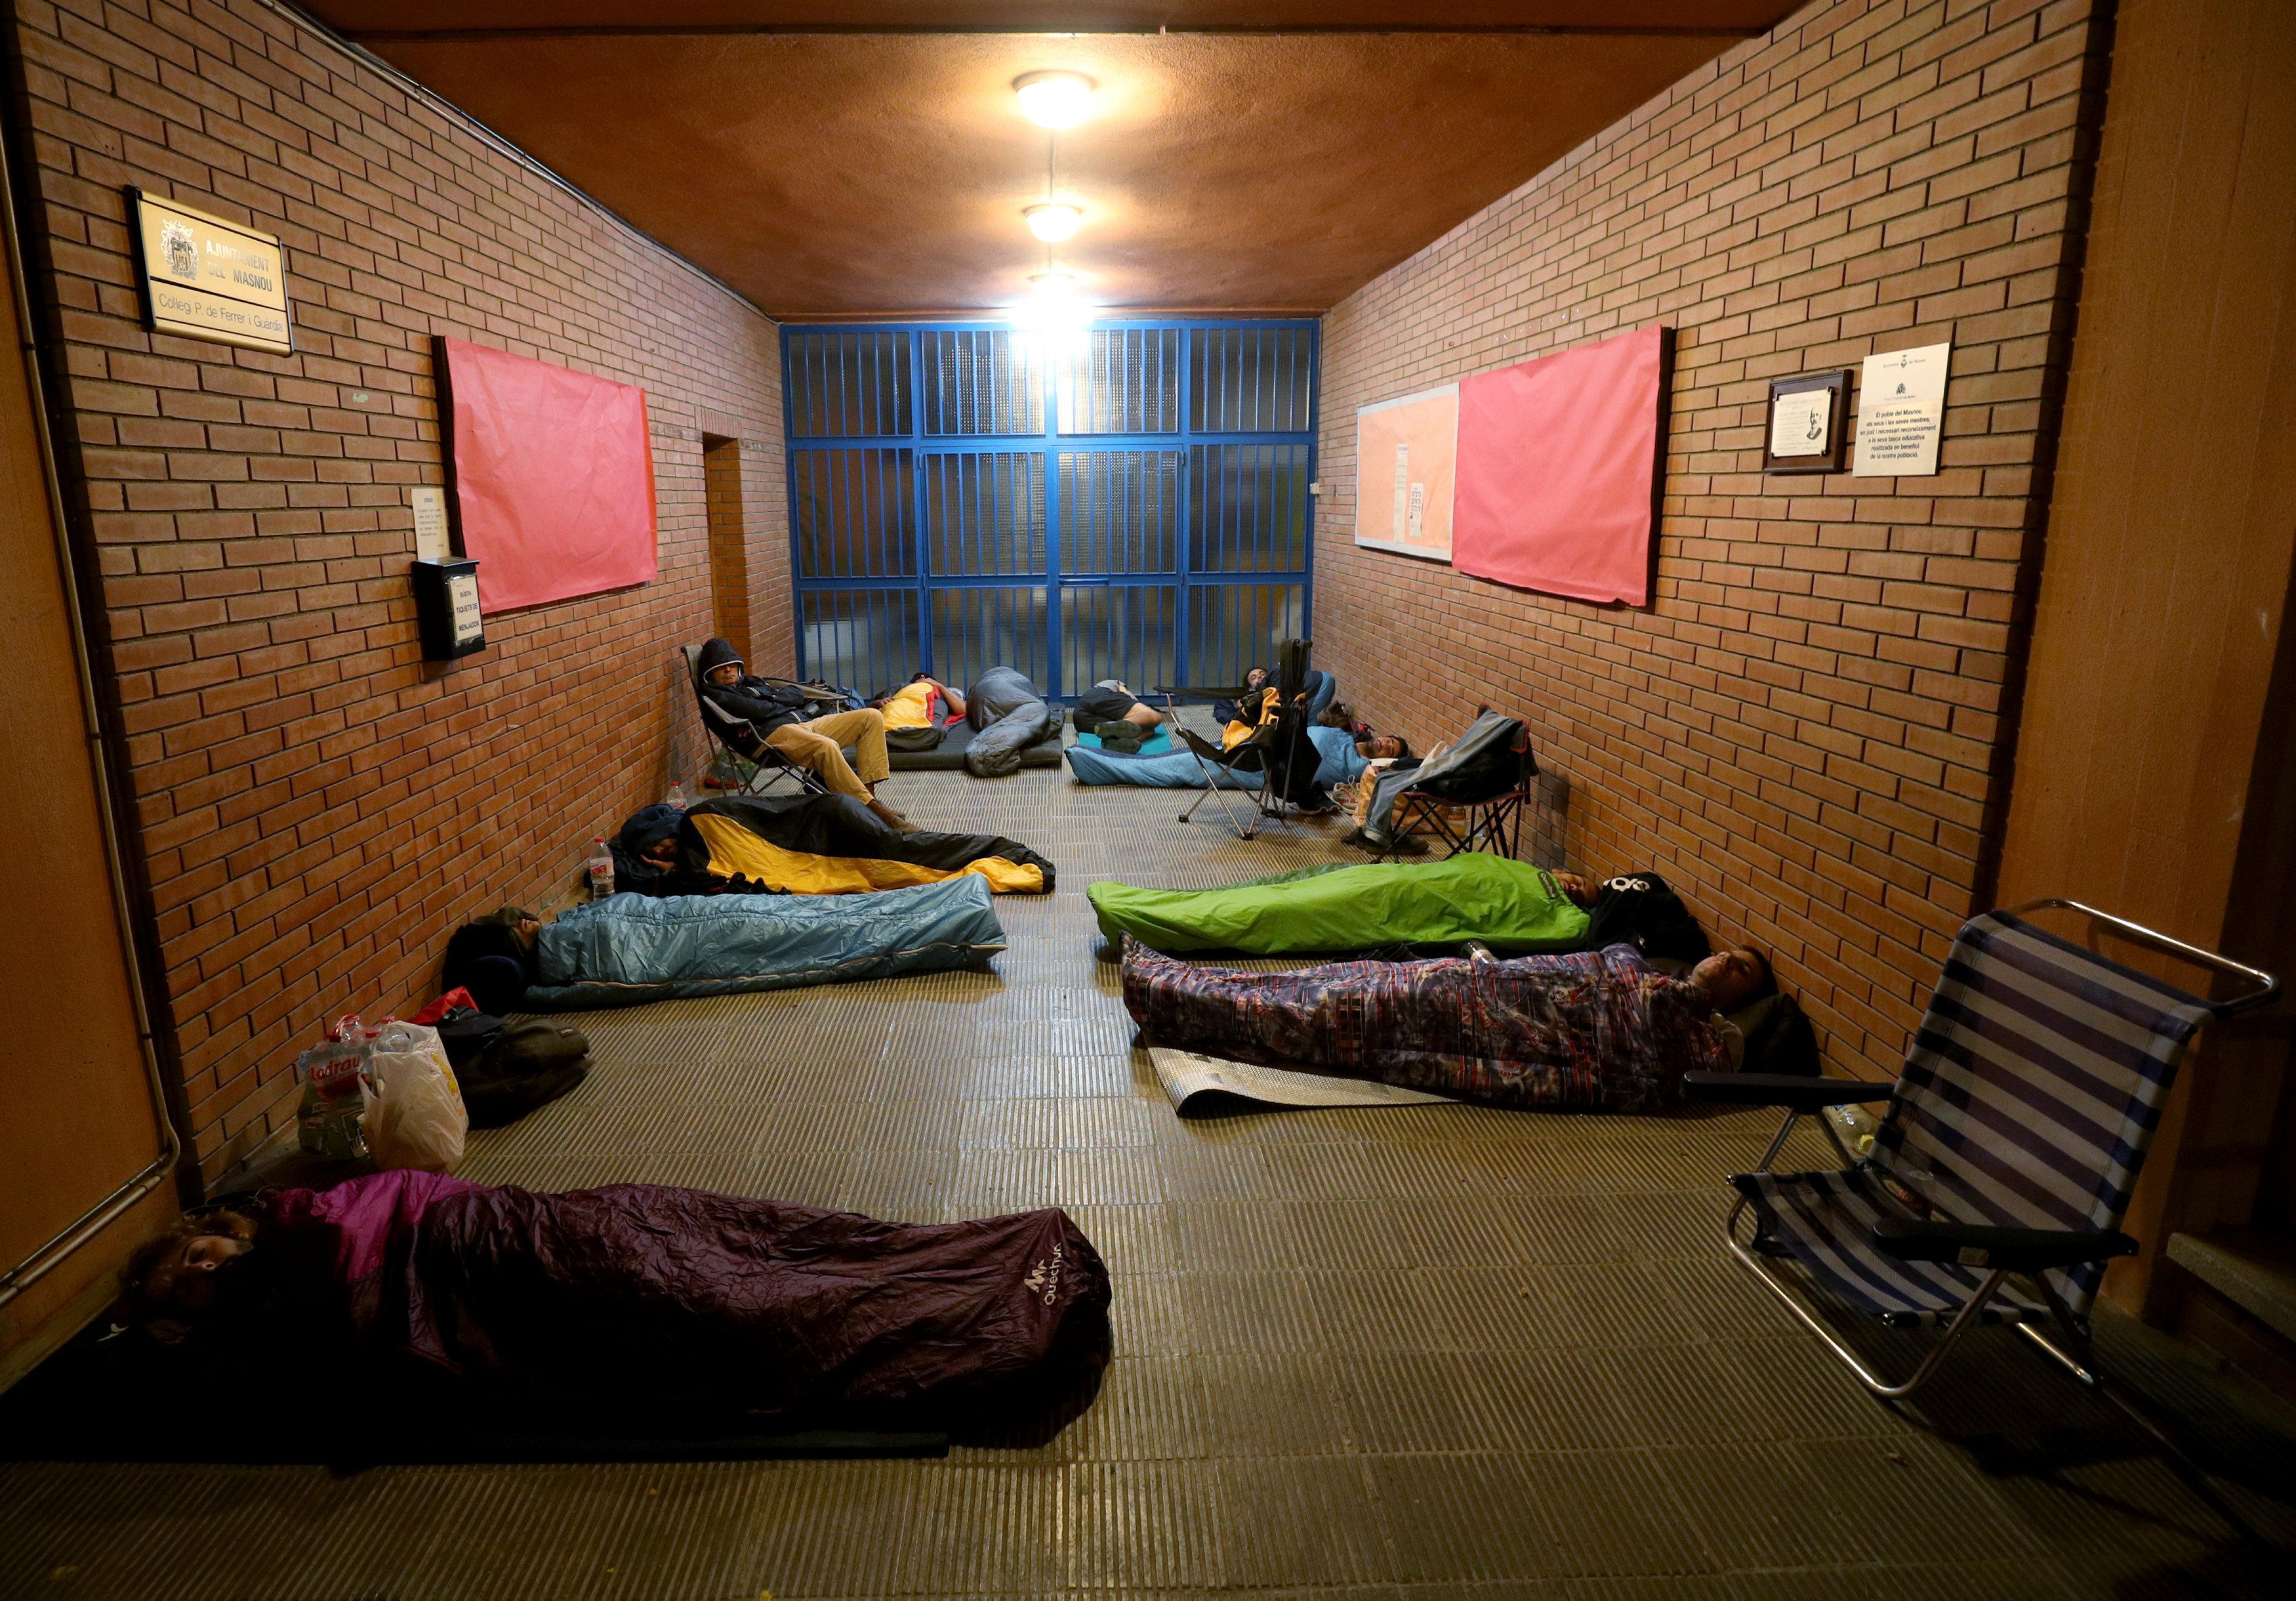 Un grupo de personas duerme dentro de un colegio tomado donde se realizaran votaciones. (REUTERS/Albert Gea)